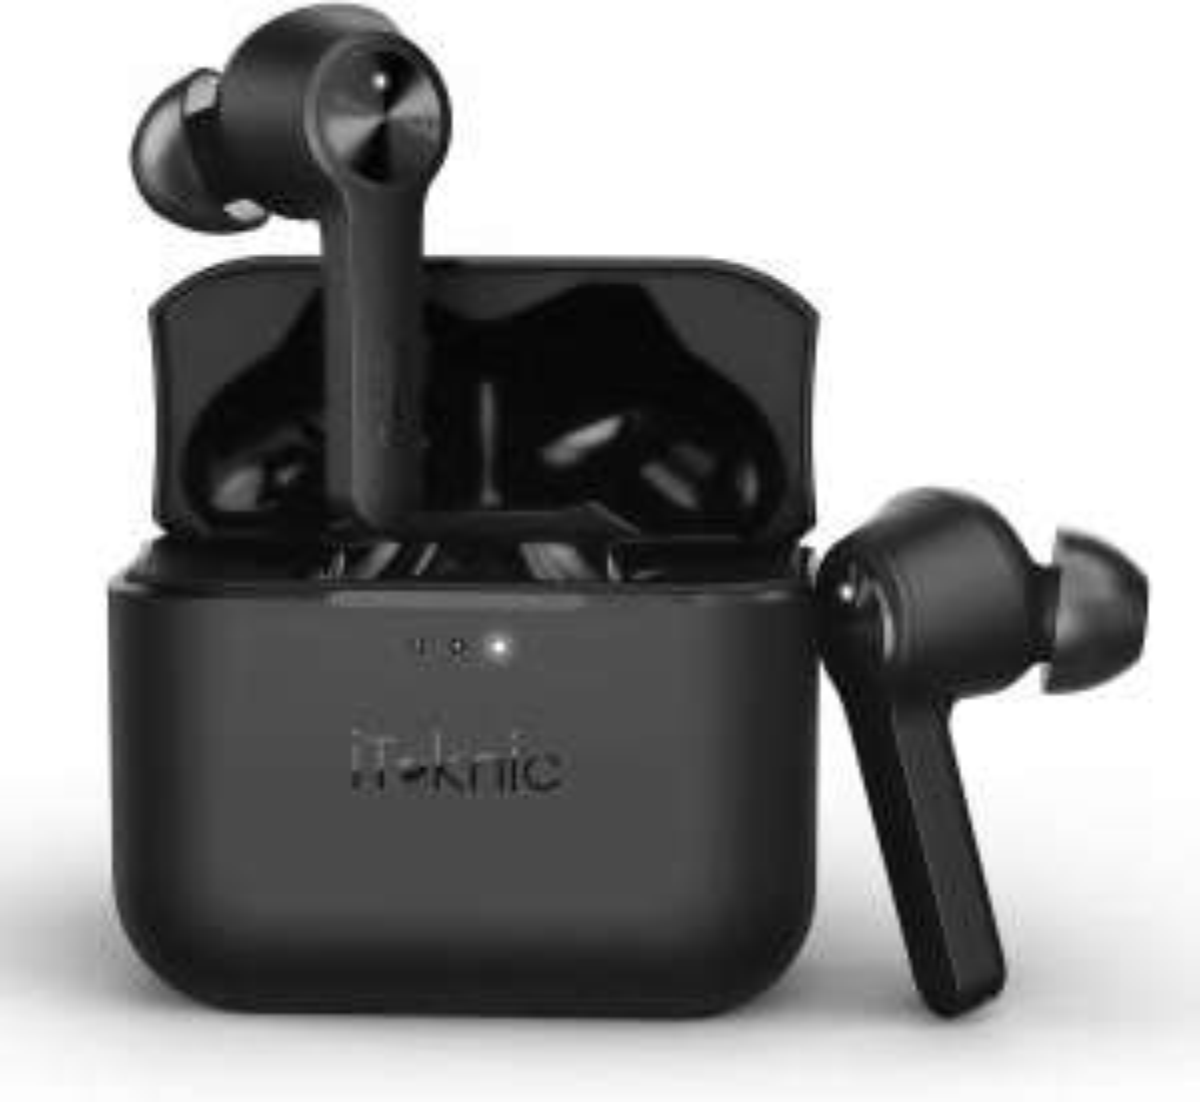 iTeknicBluetooth Headphones Wireless In-Ear Earbuds £47.33 @ Amazon